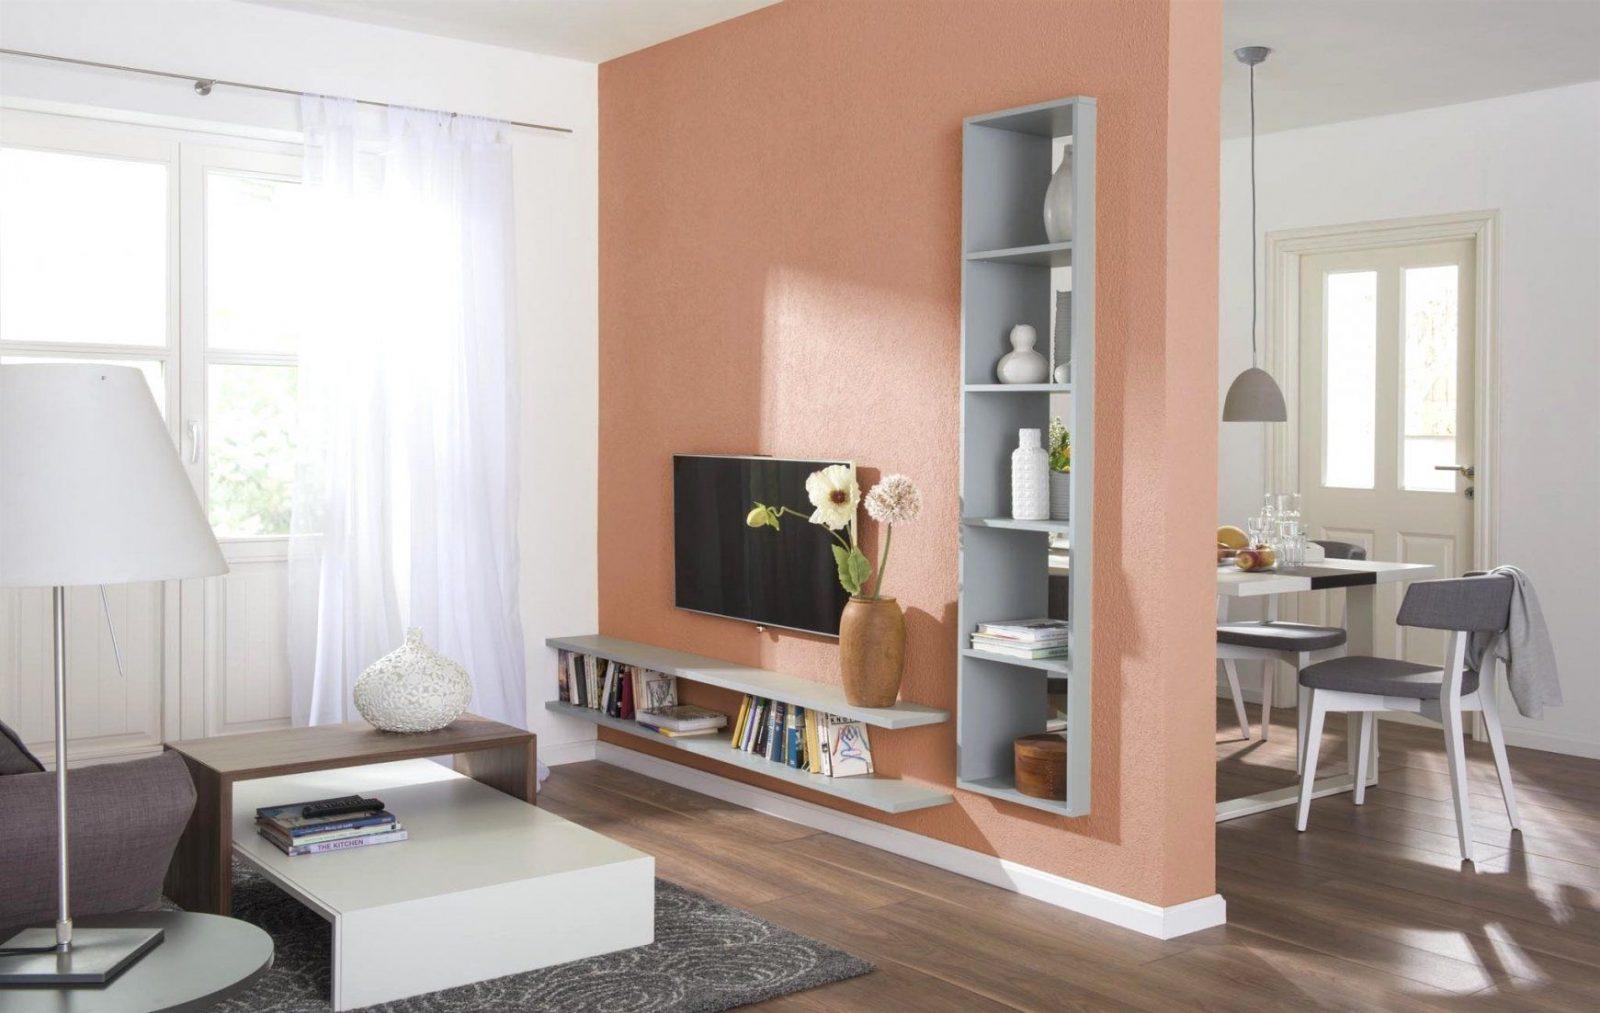 30 Qm Wohnung Einrichten 9 Perfekte Ikea Mobel Fur Kleine Zimmer